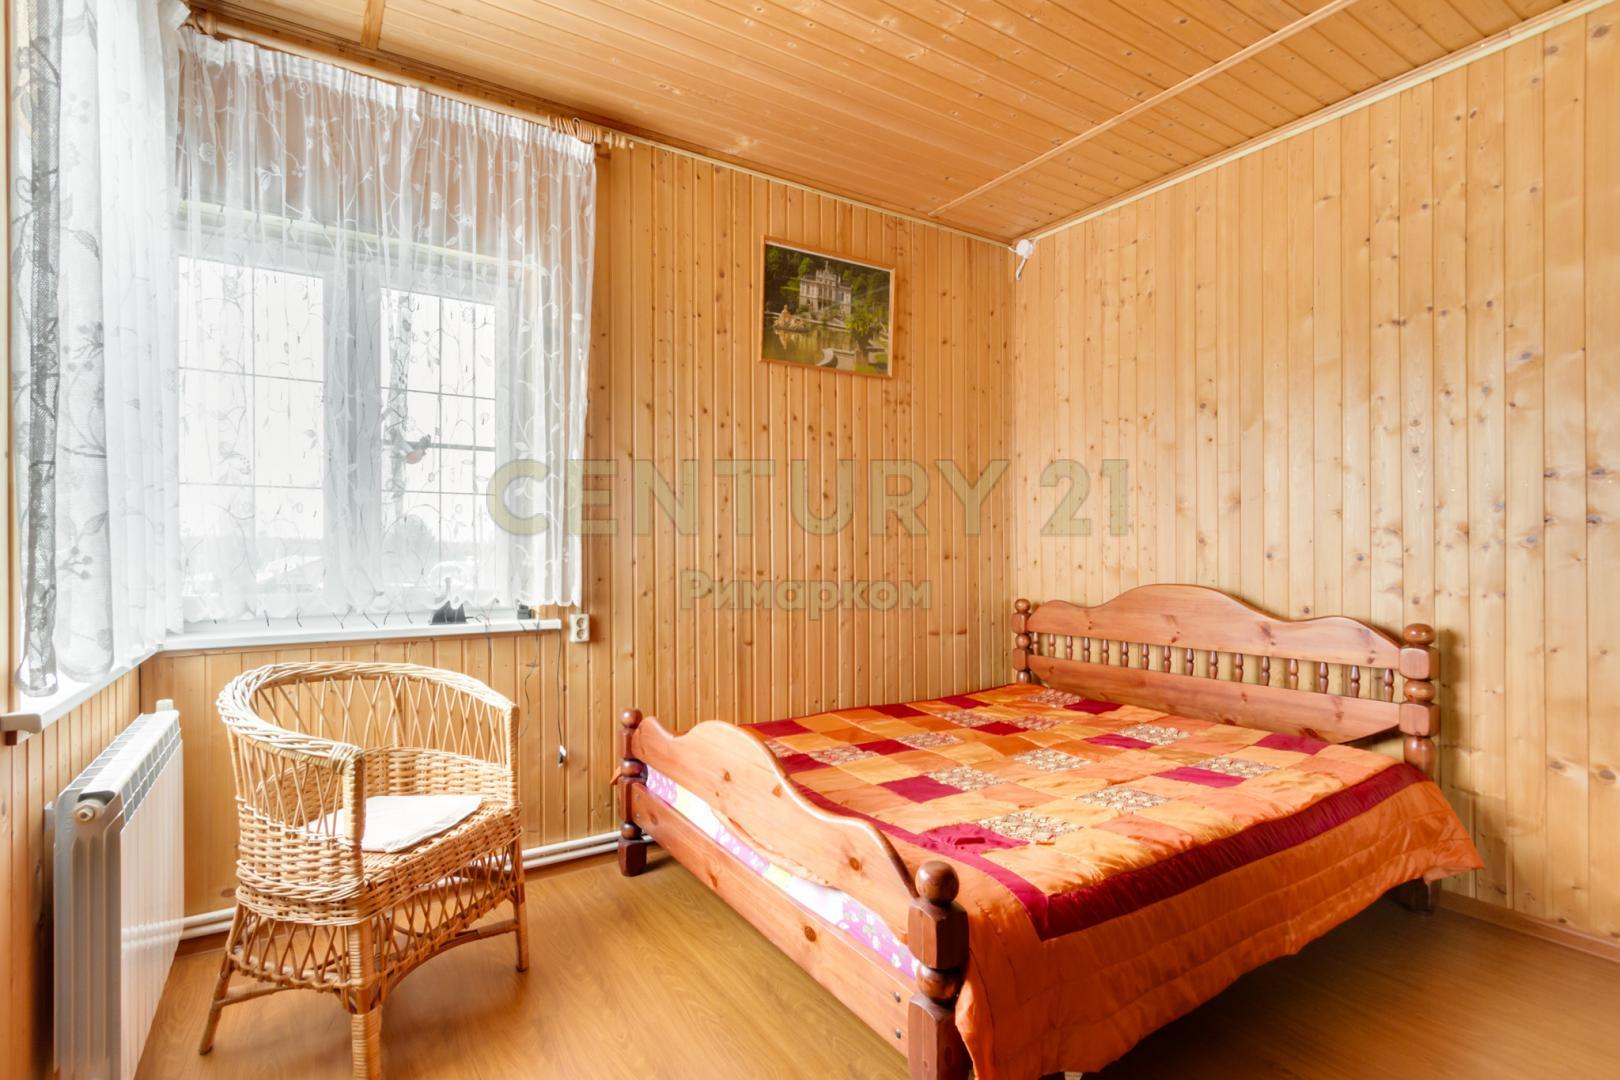 Продам дом по адресу Россия, Троицкий административный округ, Каменка фото 10 по выгодной цене